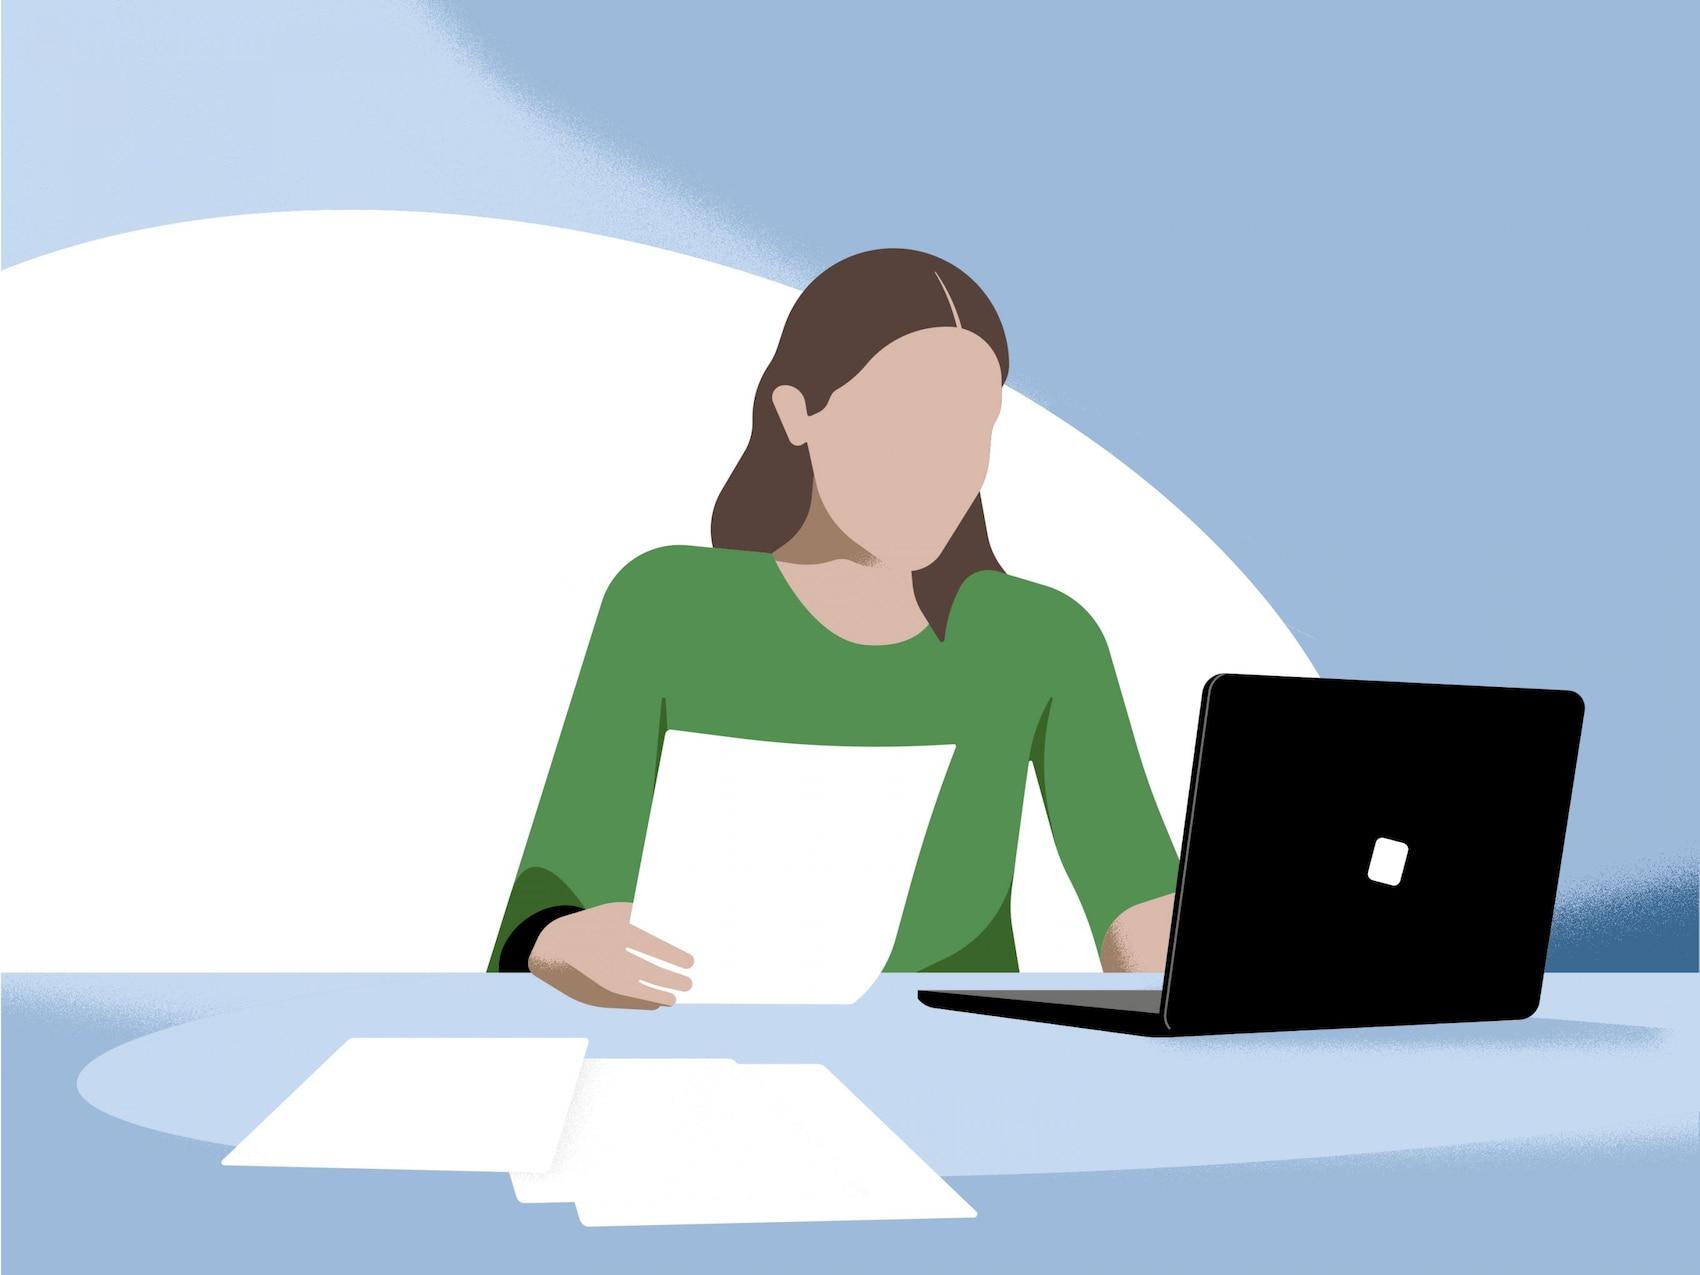 Ženska sedi pred odprtim prenosnim računalnikom.